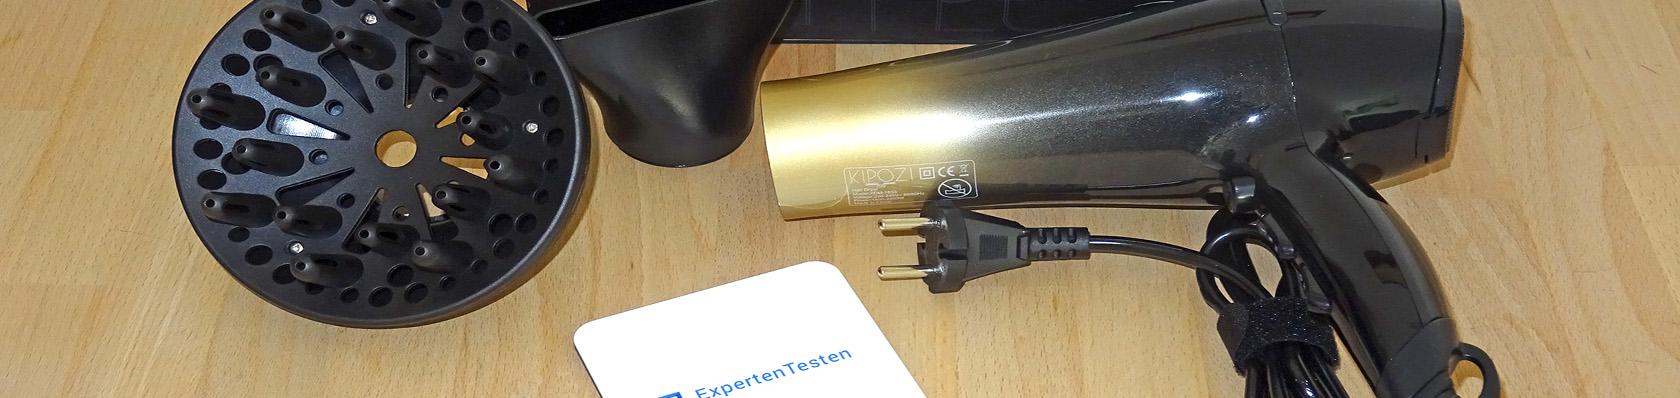 Haartrockner im Test auf ExpertenTesten.de